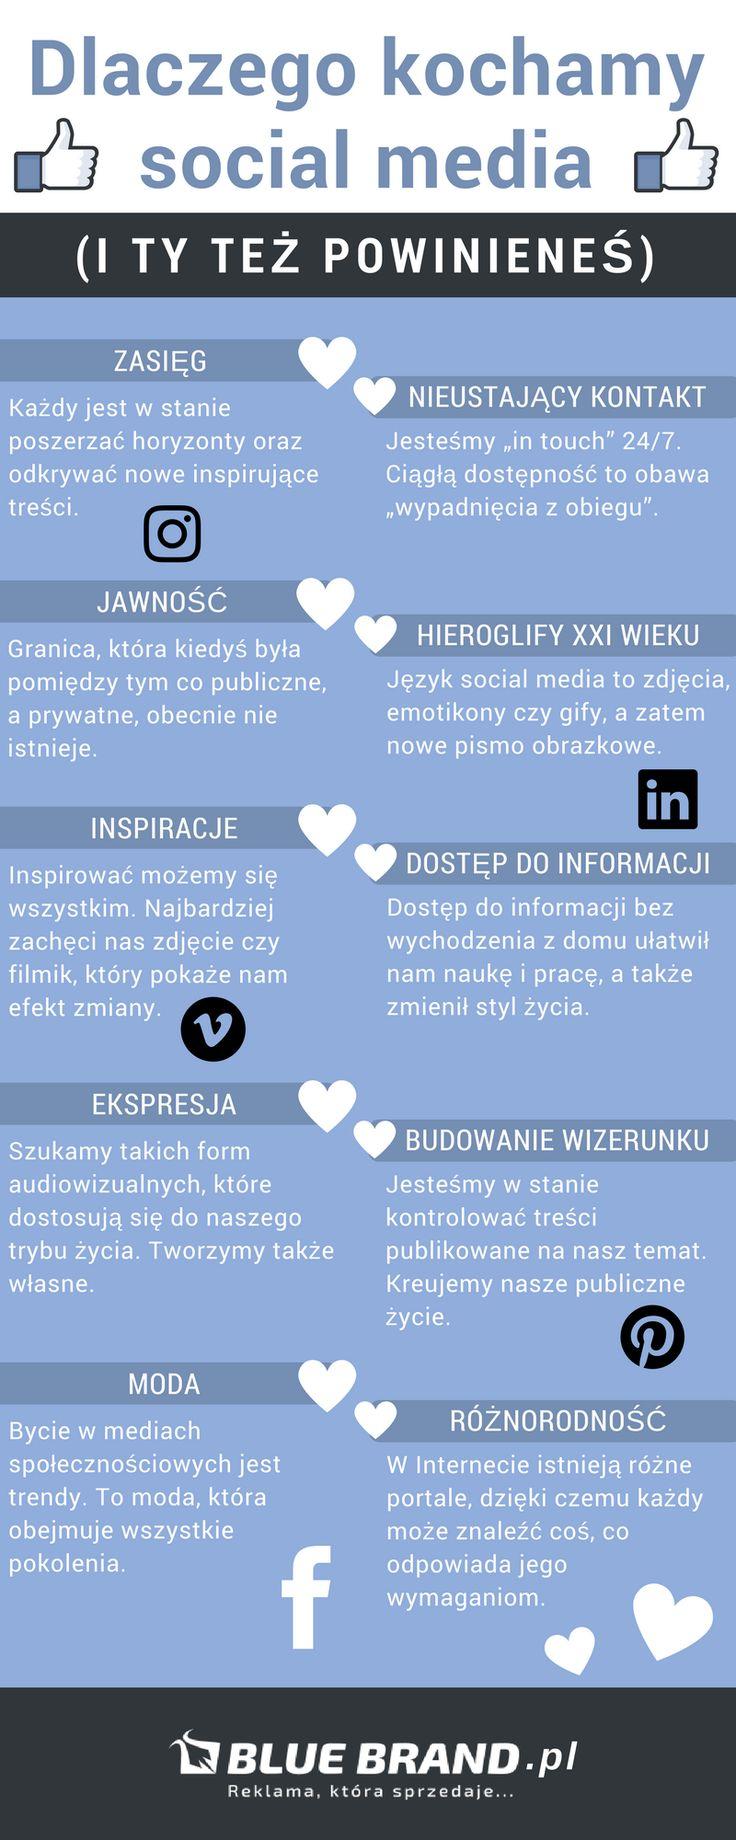 Dlaczego kochamy social media (i Ty też powinieneś)? - Blue Brand Reklama która sprzedaje